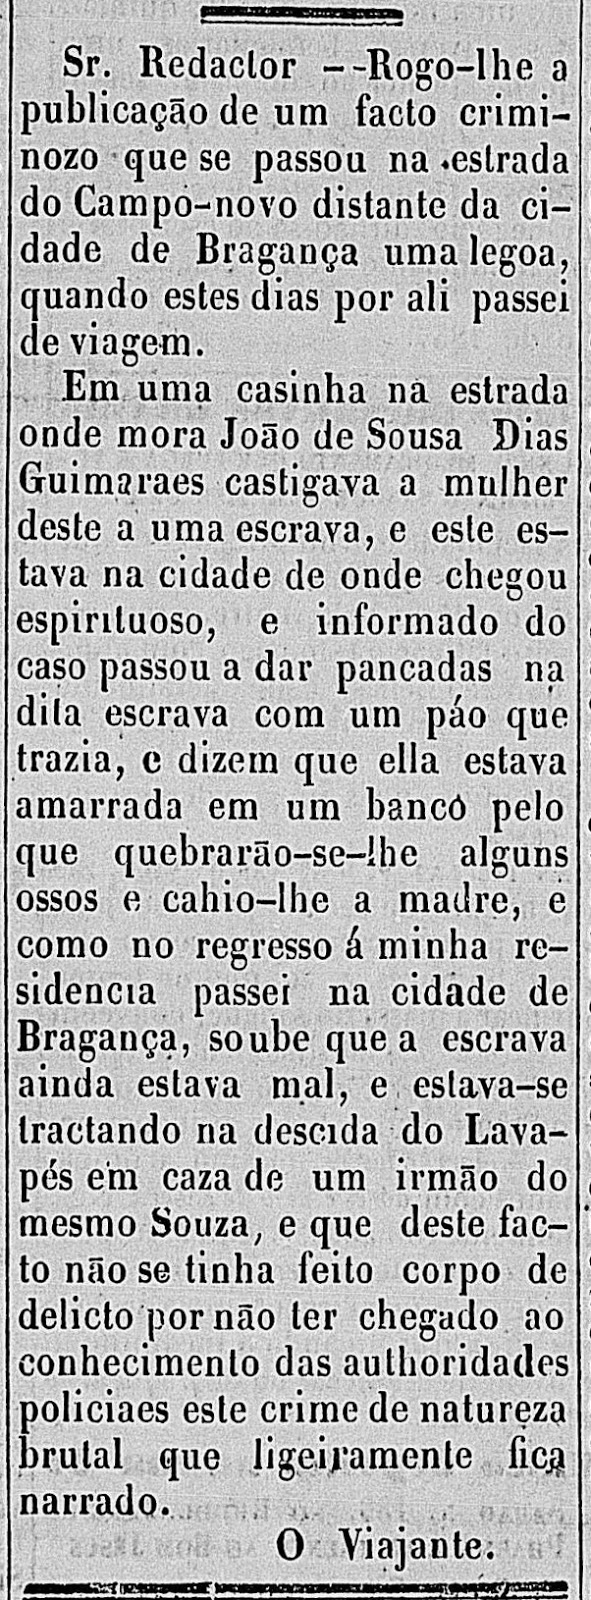 Relato de um flagrante de violência a um escravo veiculado em 1857